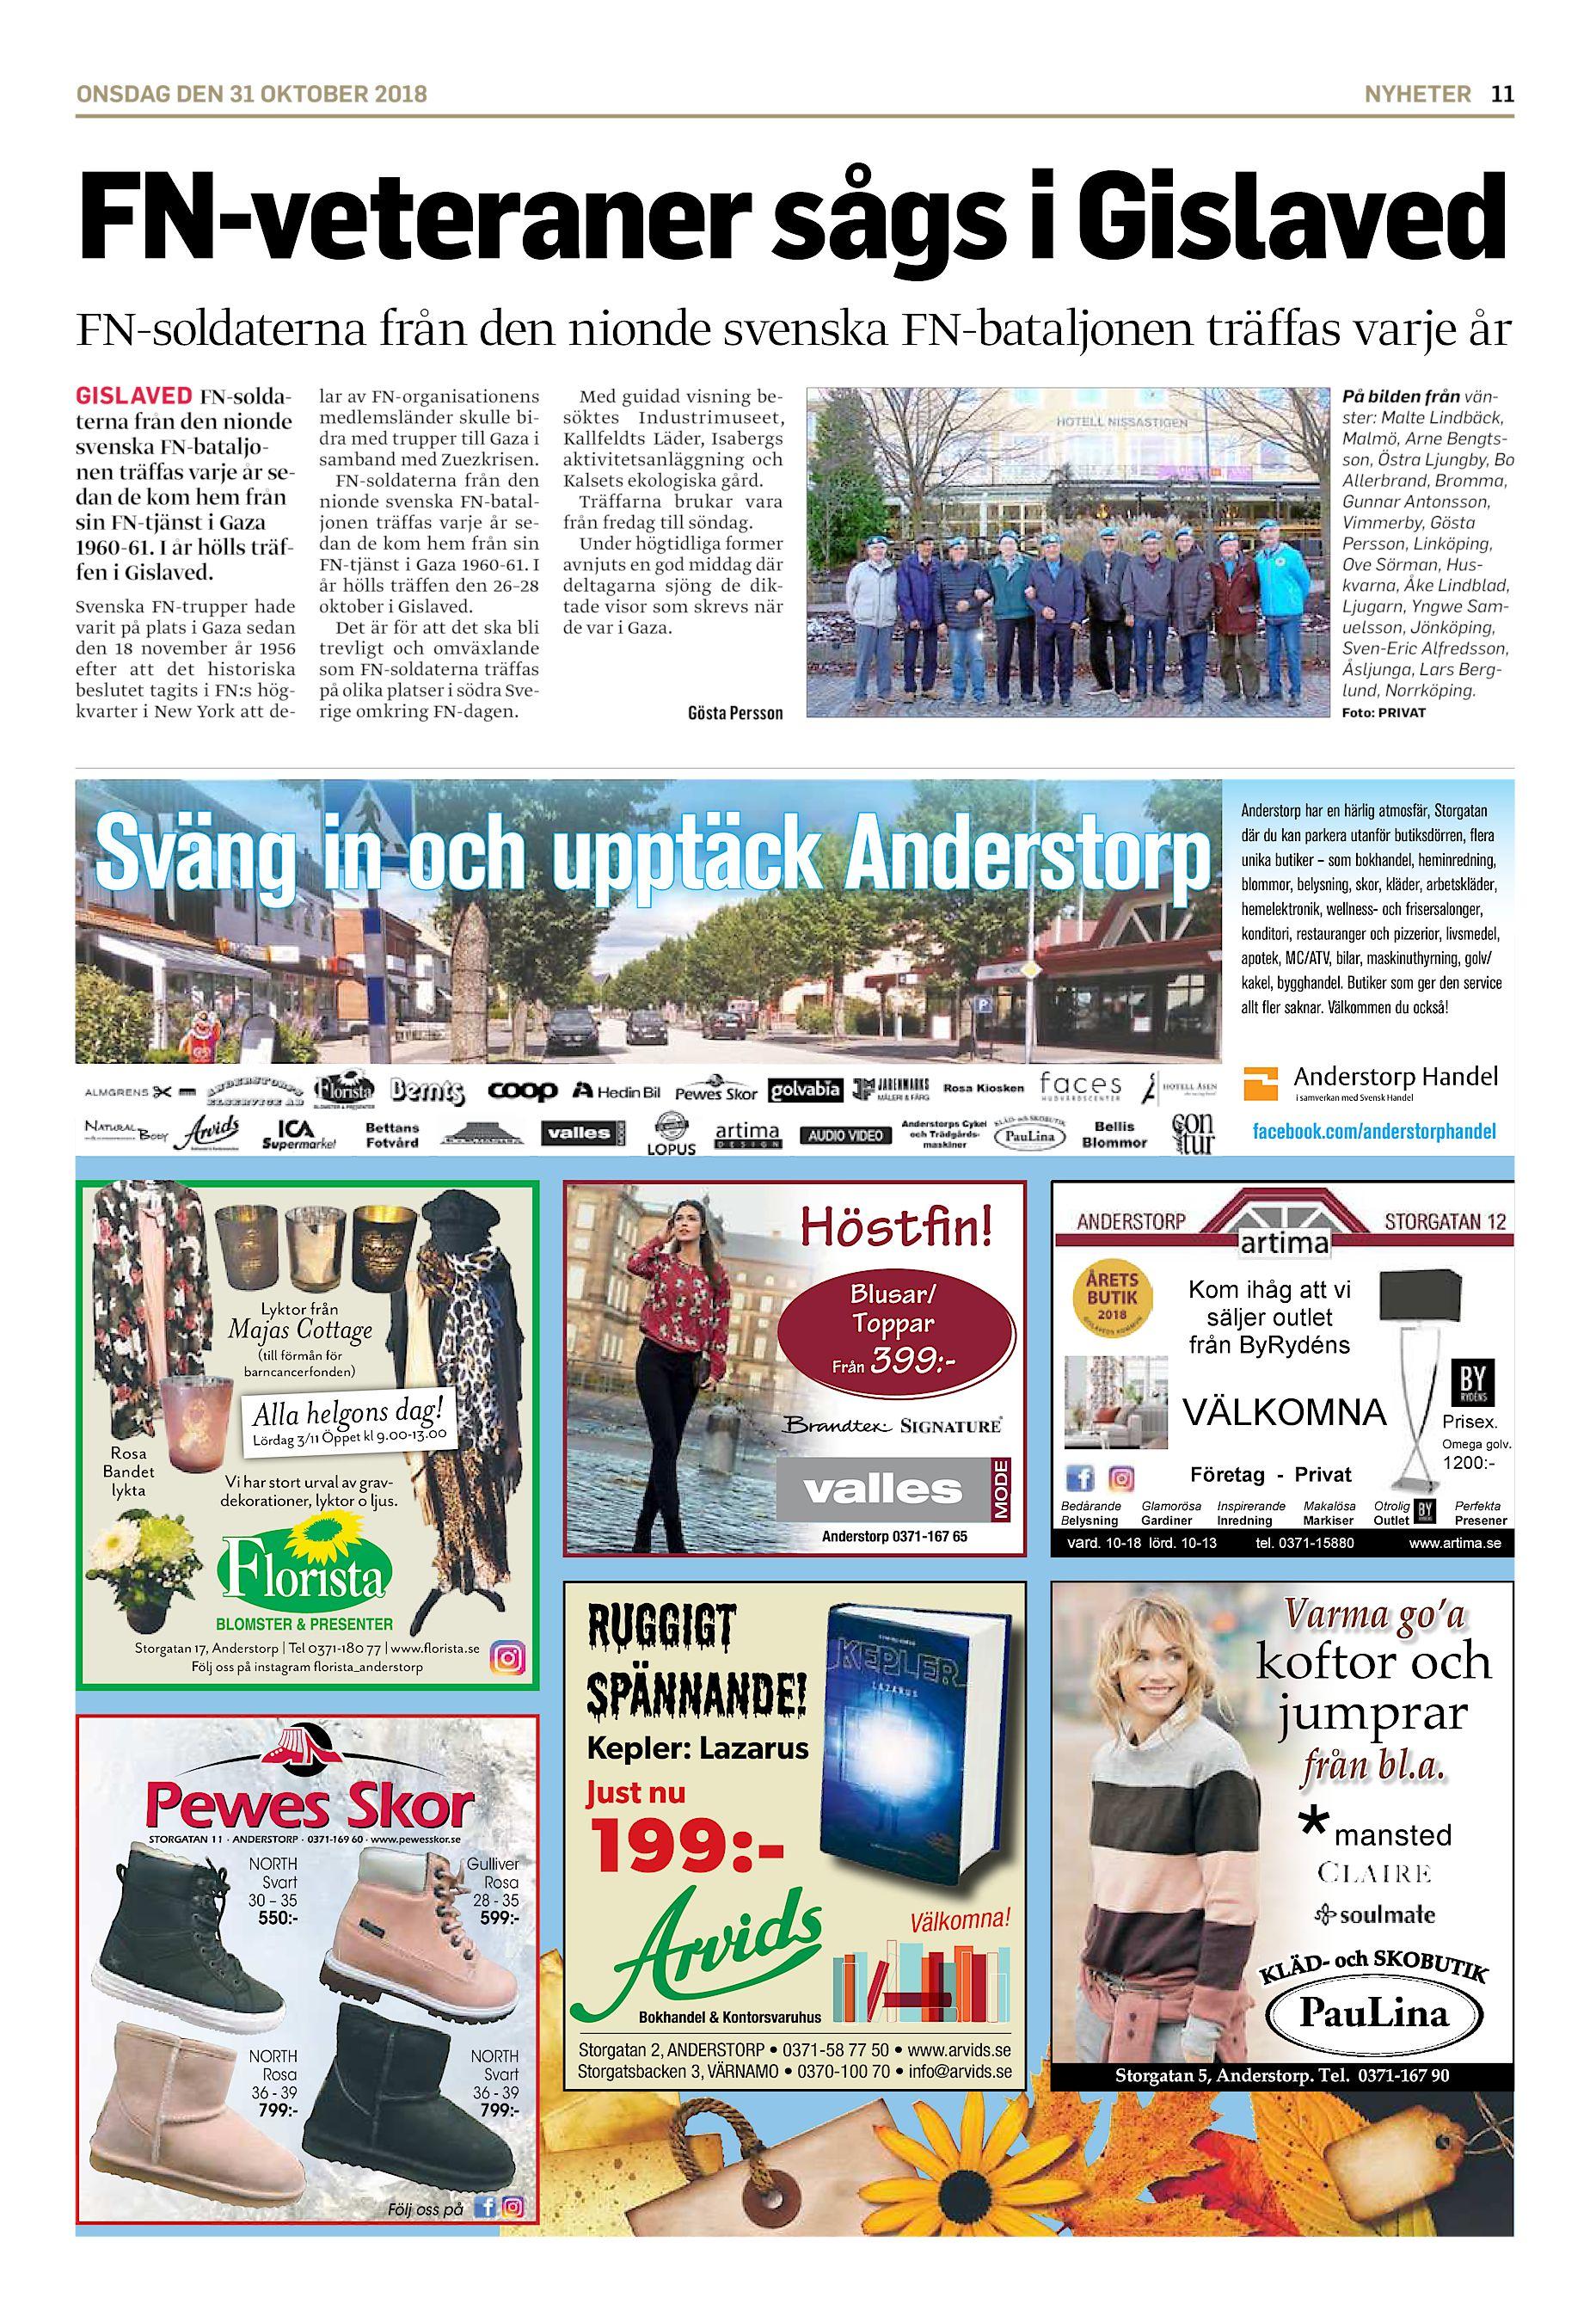 Signe Bjrklund, Svinvgen 74, Kalmar   unam.net